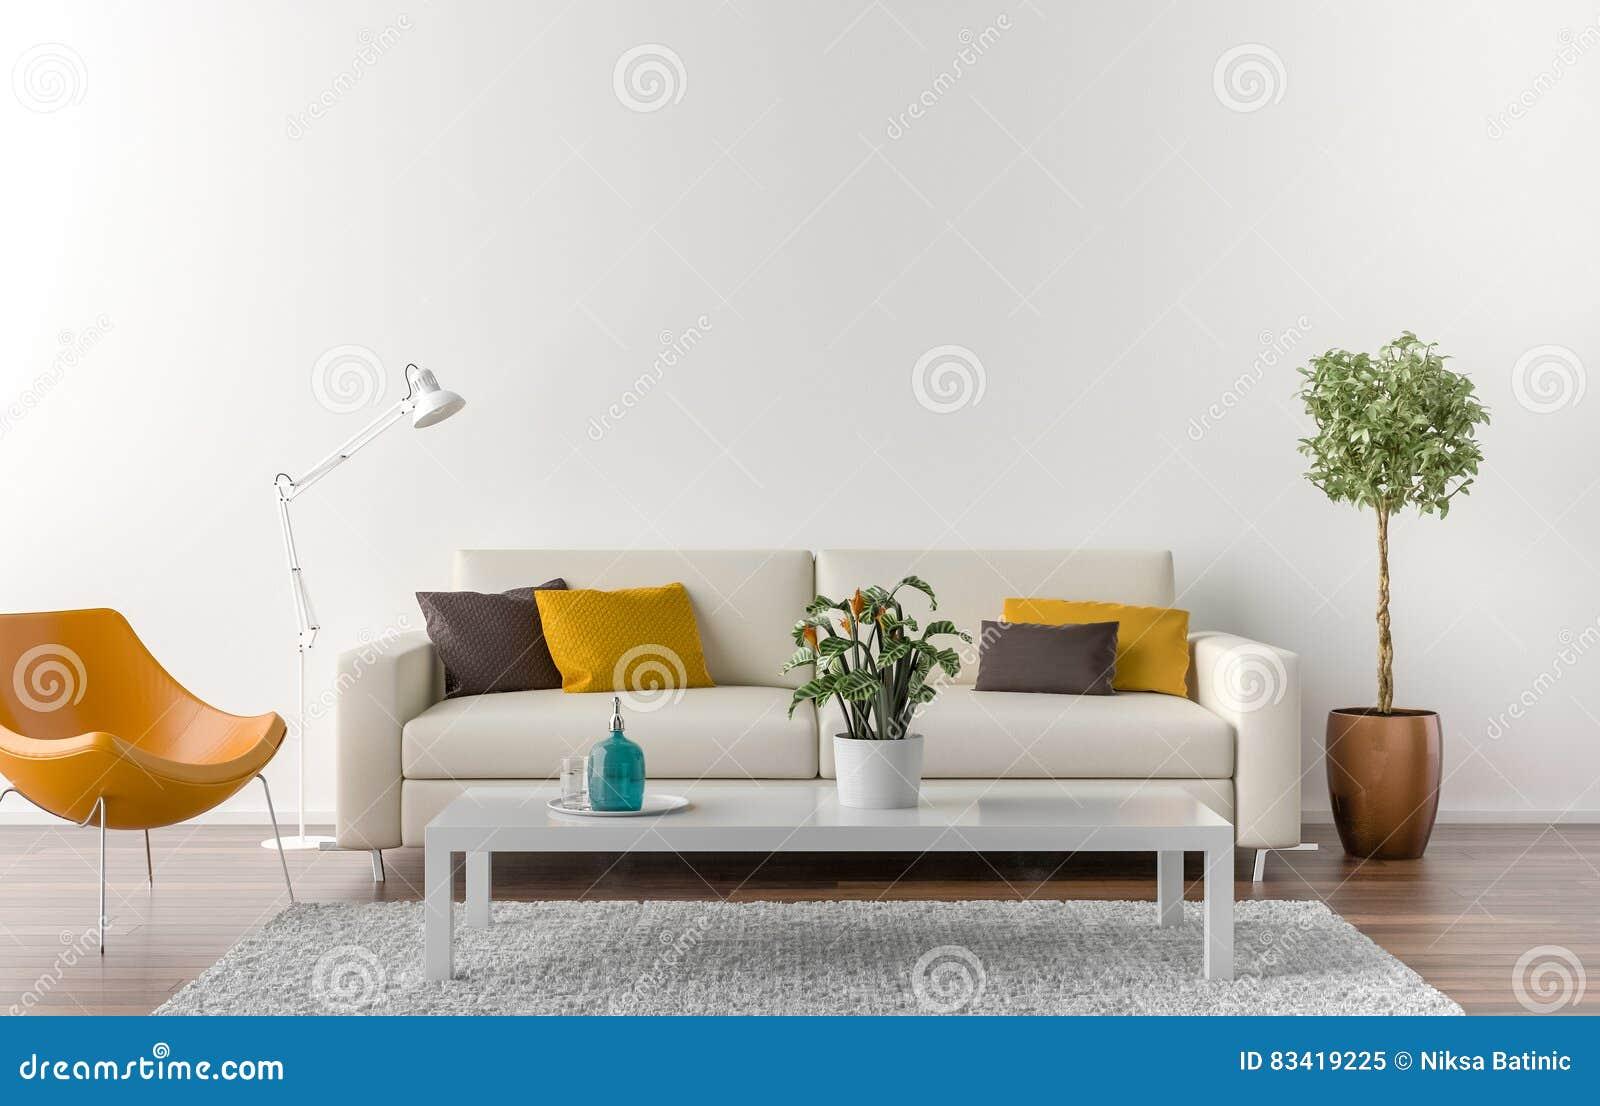 Salon vide avec le mur blanc l 39 arri re plan illustration for Salon mur blanc